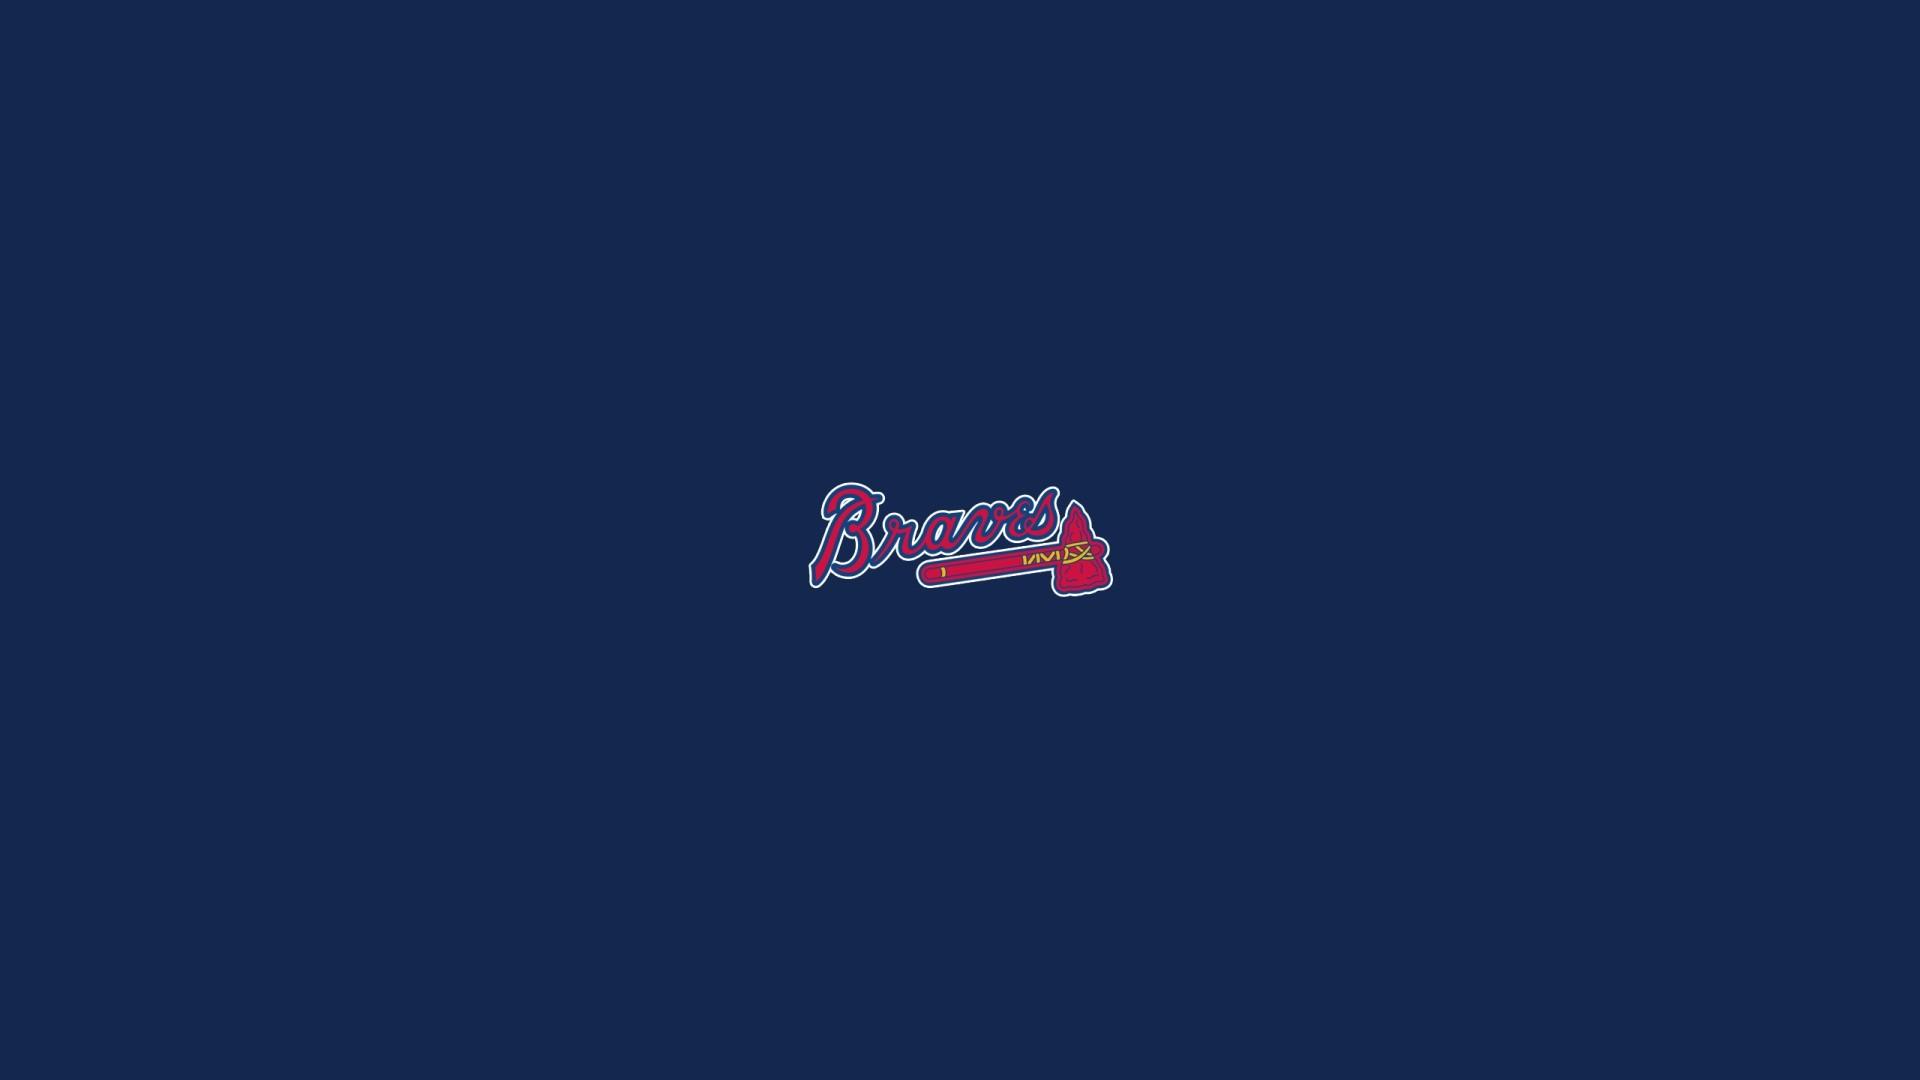 Atlanta Braves Image